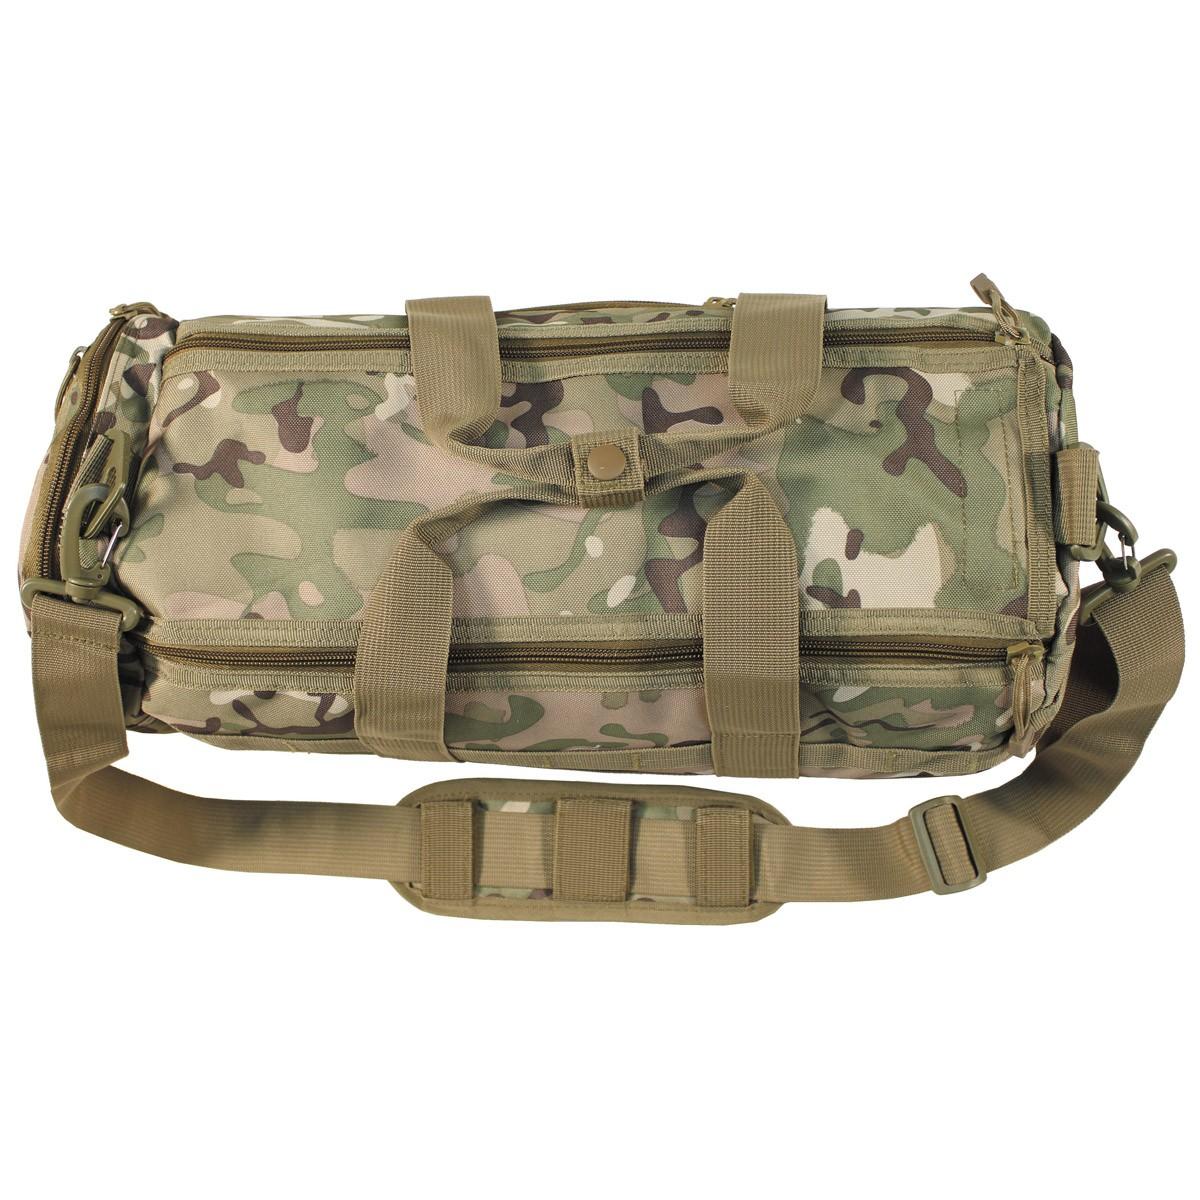 ae0578a9333 Multicam molle shoulder bag mini holdall strikeforce jpg 1200x1200 Multicam  shoulder bag